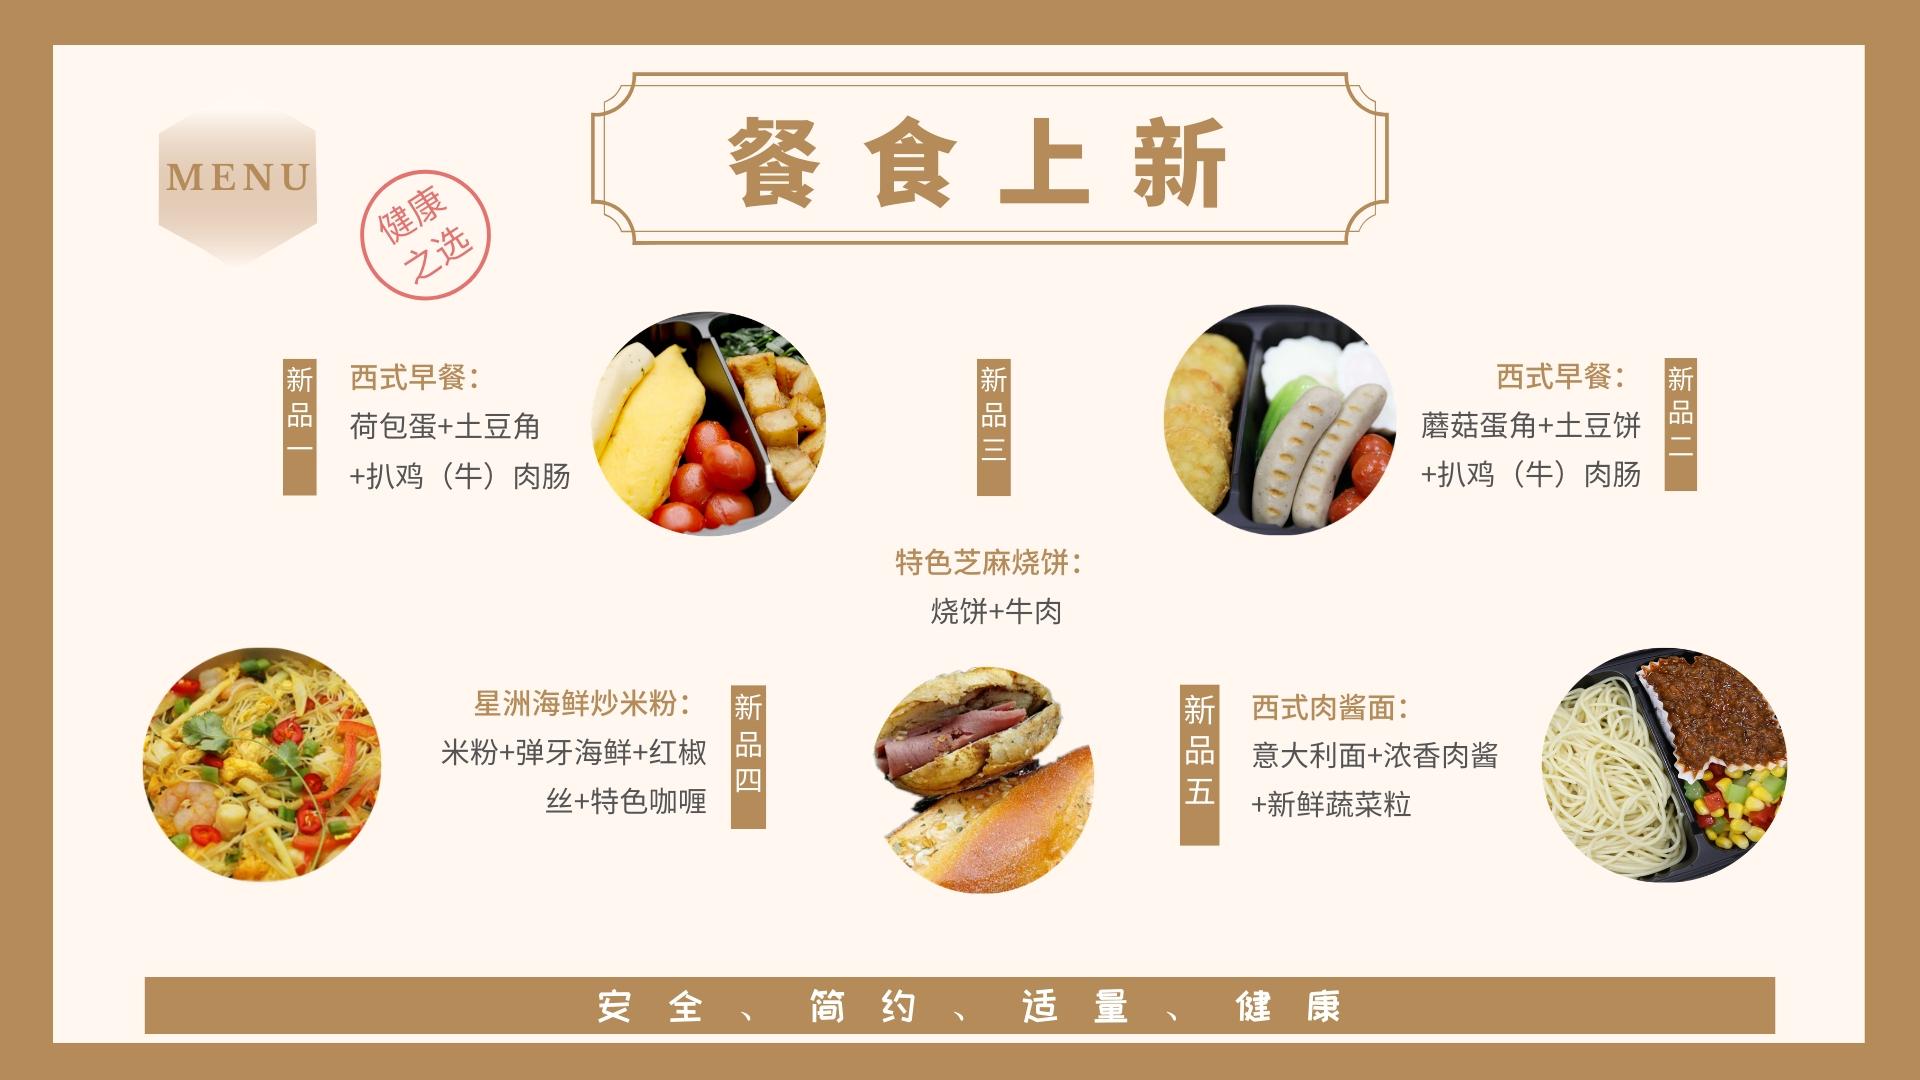 畅享异域风味简餐 首都航空经济舱餐食上新